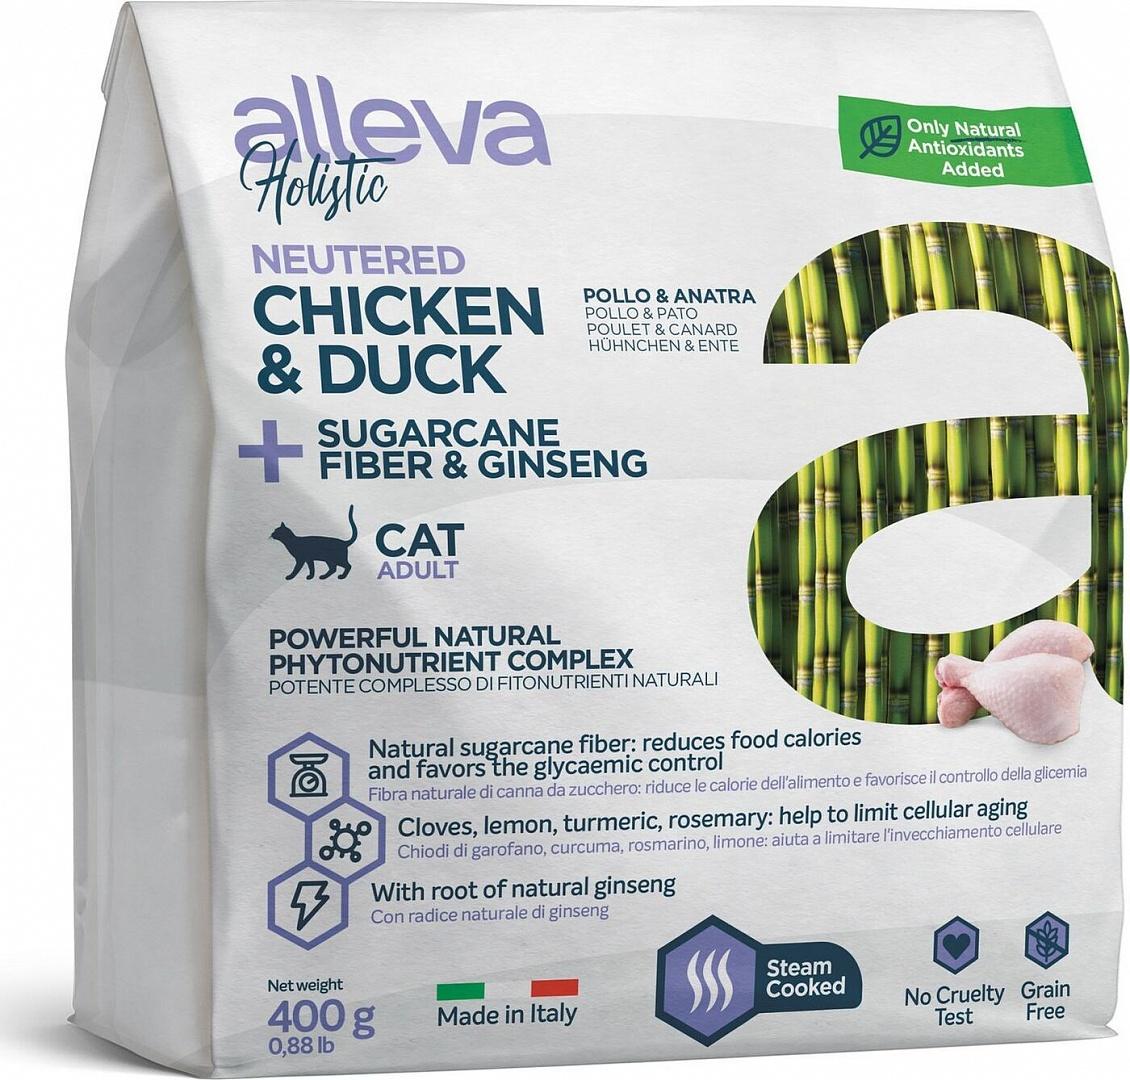 ALLEVA HOLISTIC CAT Neutered Аллева сухой корм для стерилизованных кошек с курицей и уткой, волокнами сахарного тростника и женьшенем